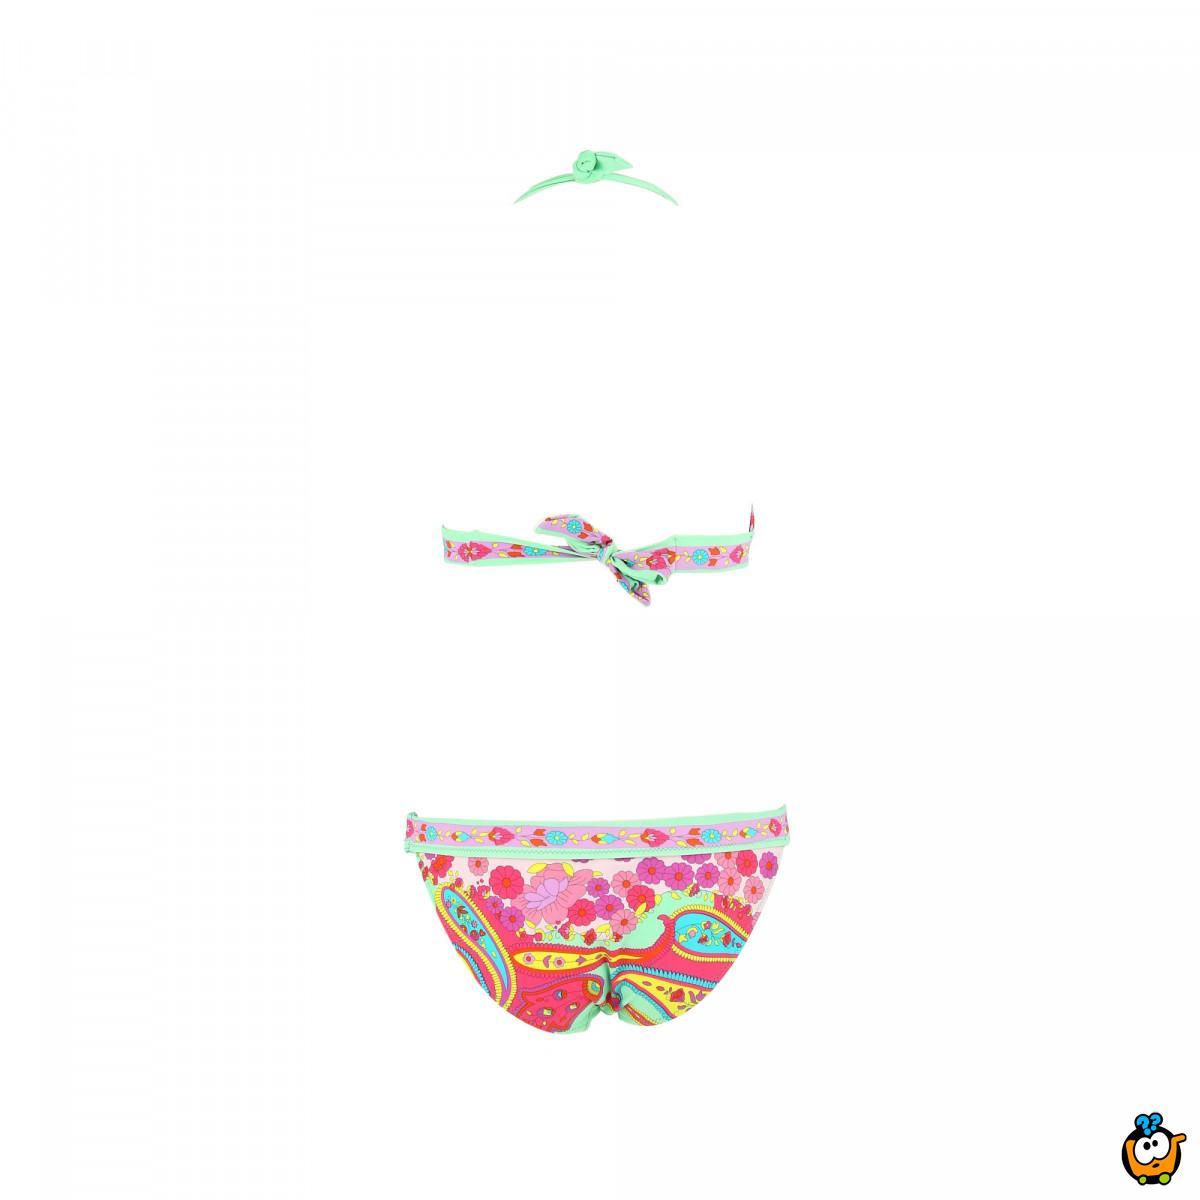 Dvodelni ženski kupaći kostim - BIKINI GEOS